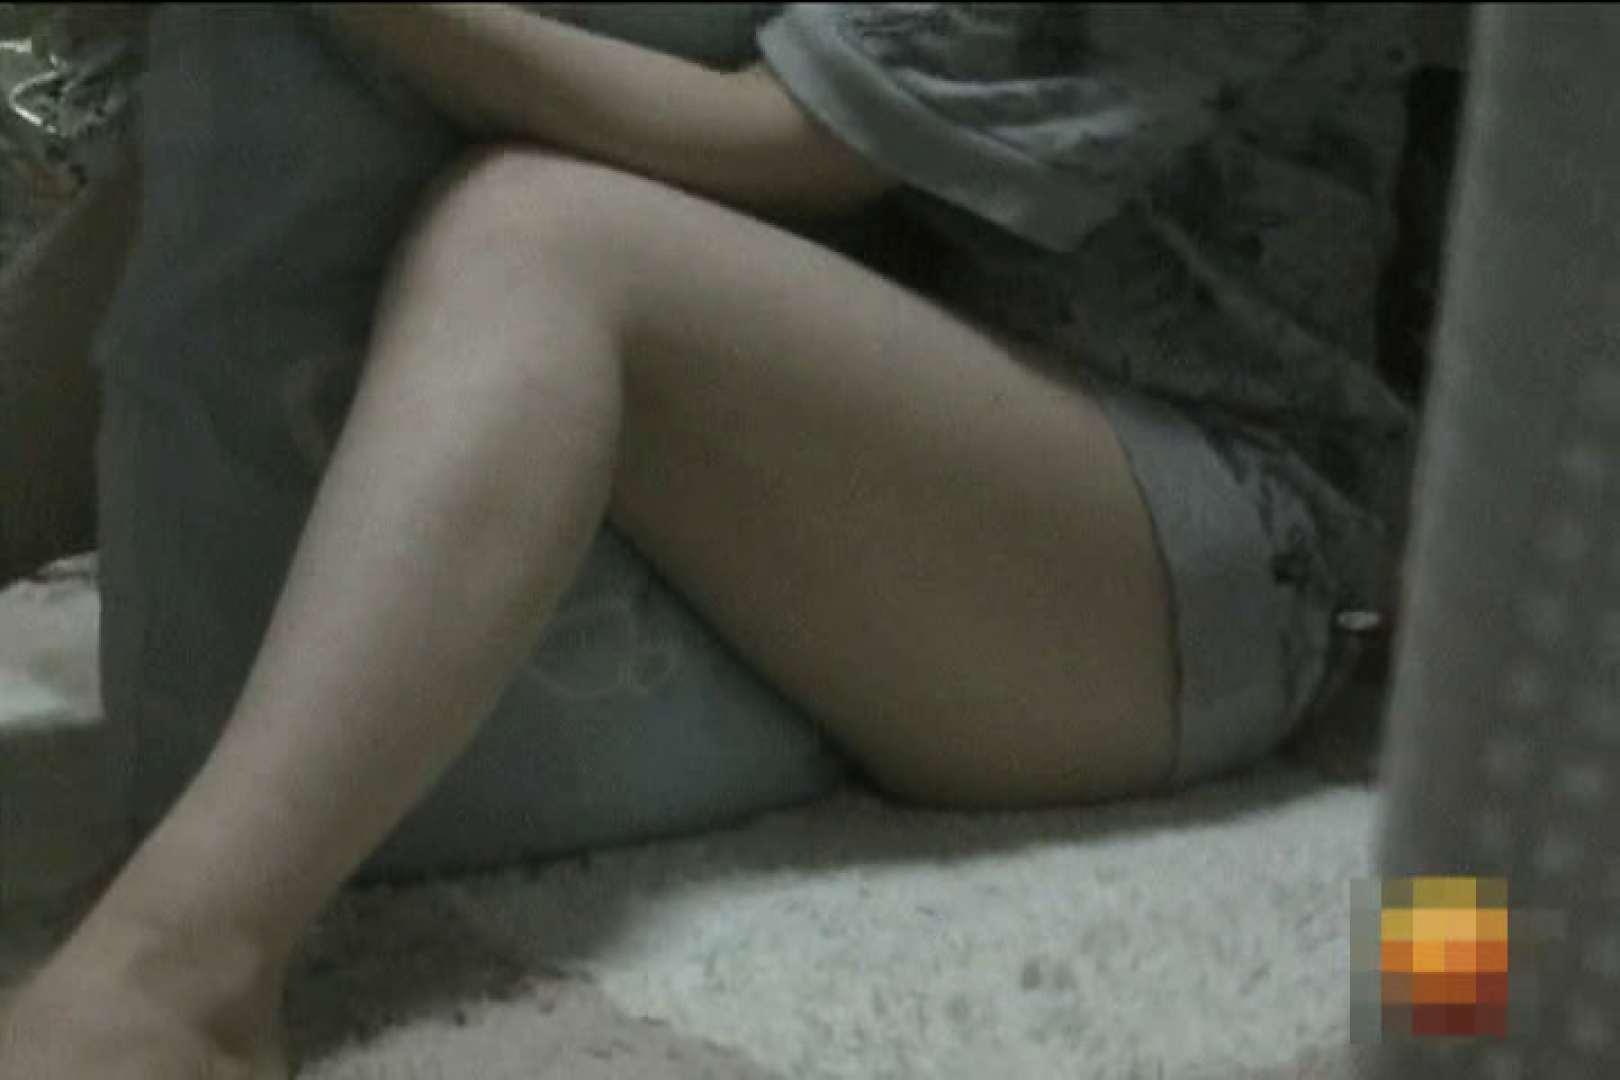 民家自慰マニアVol.8 性欲 エロ画像 103pic 56